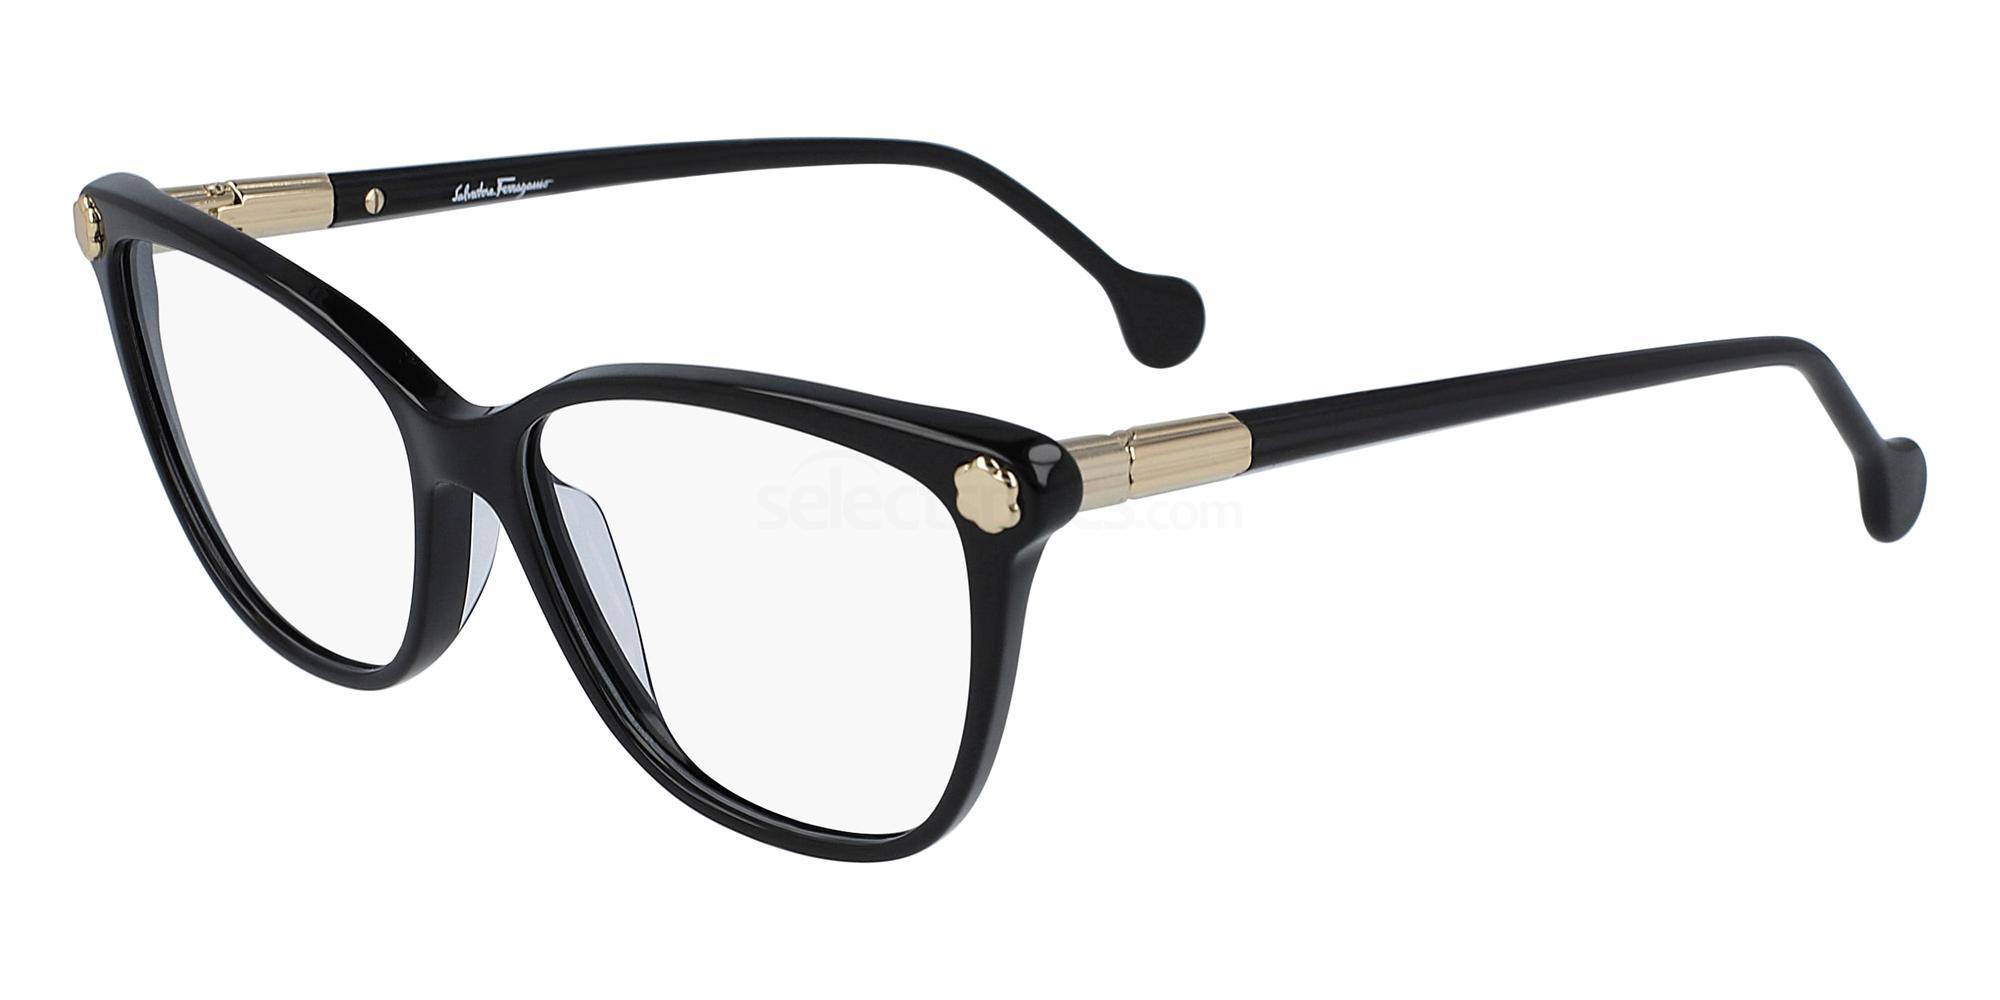 001 SF2838 Glasses, Salvatore Ferragamo